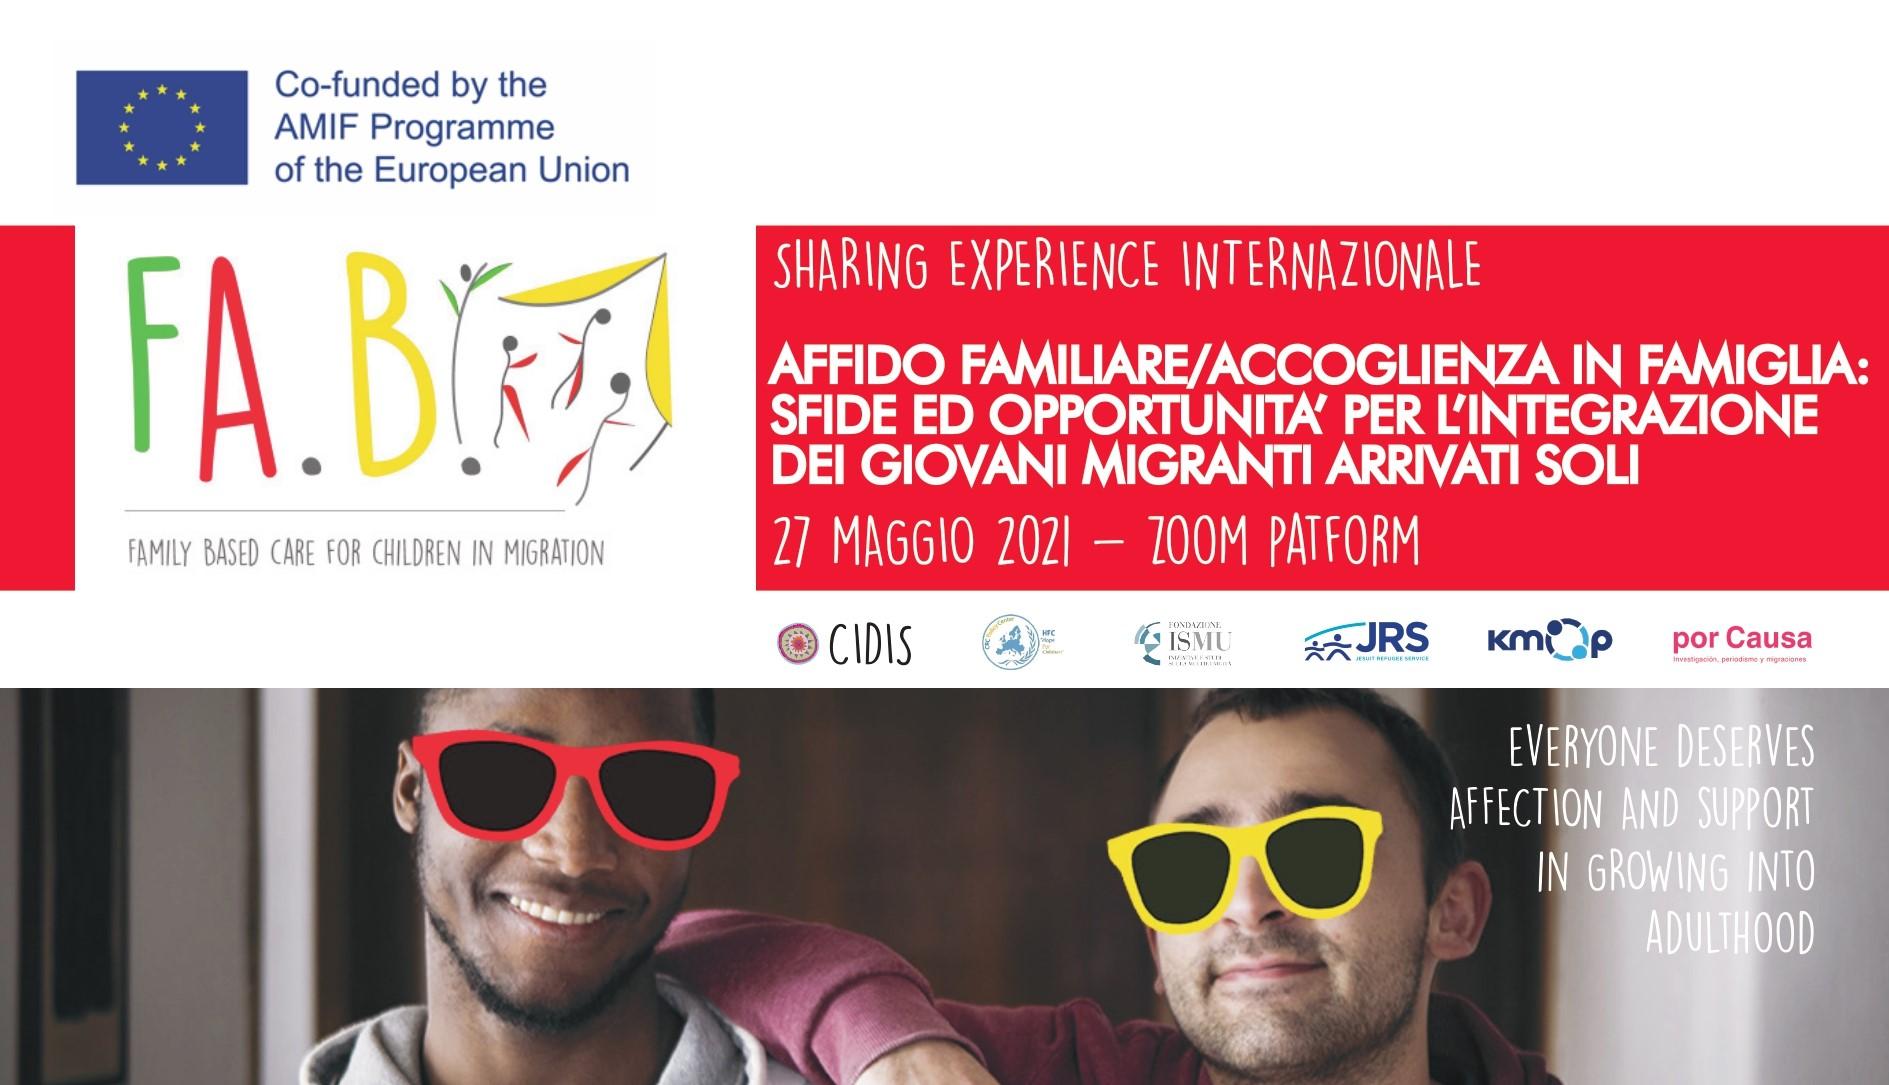 FA.B! Family Based Care in diretta giovedì 27 maggio: sfide e opportunità per l'integrazione dei minori stranieri non accompagnati